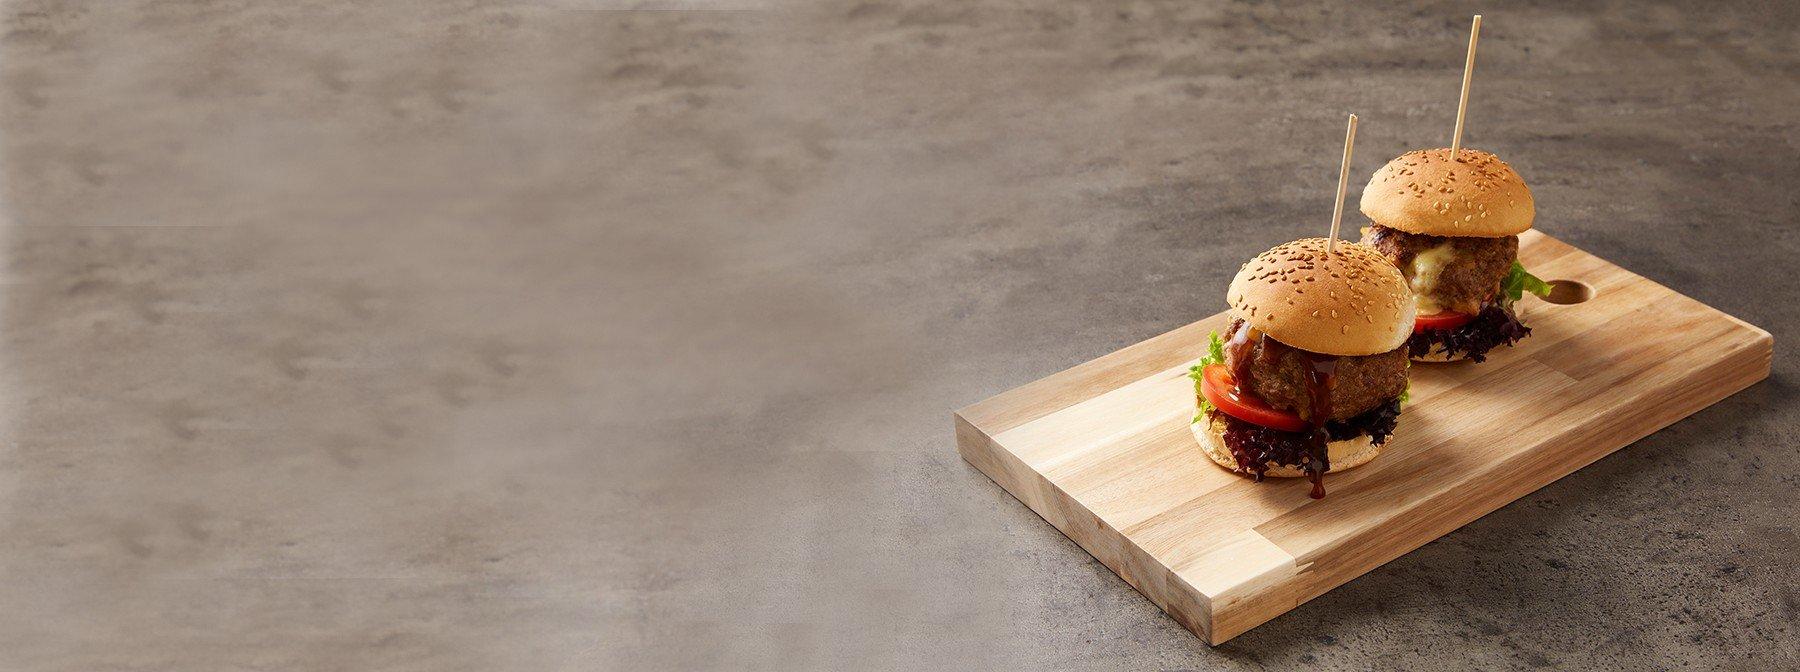 Mit Mozzarella gefüllte Burger